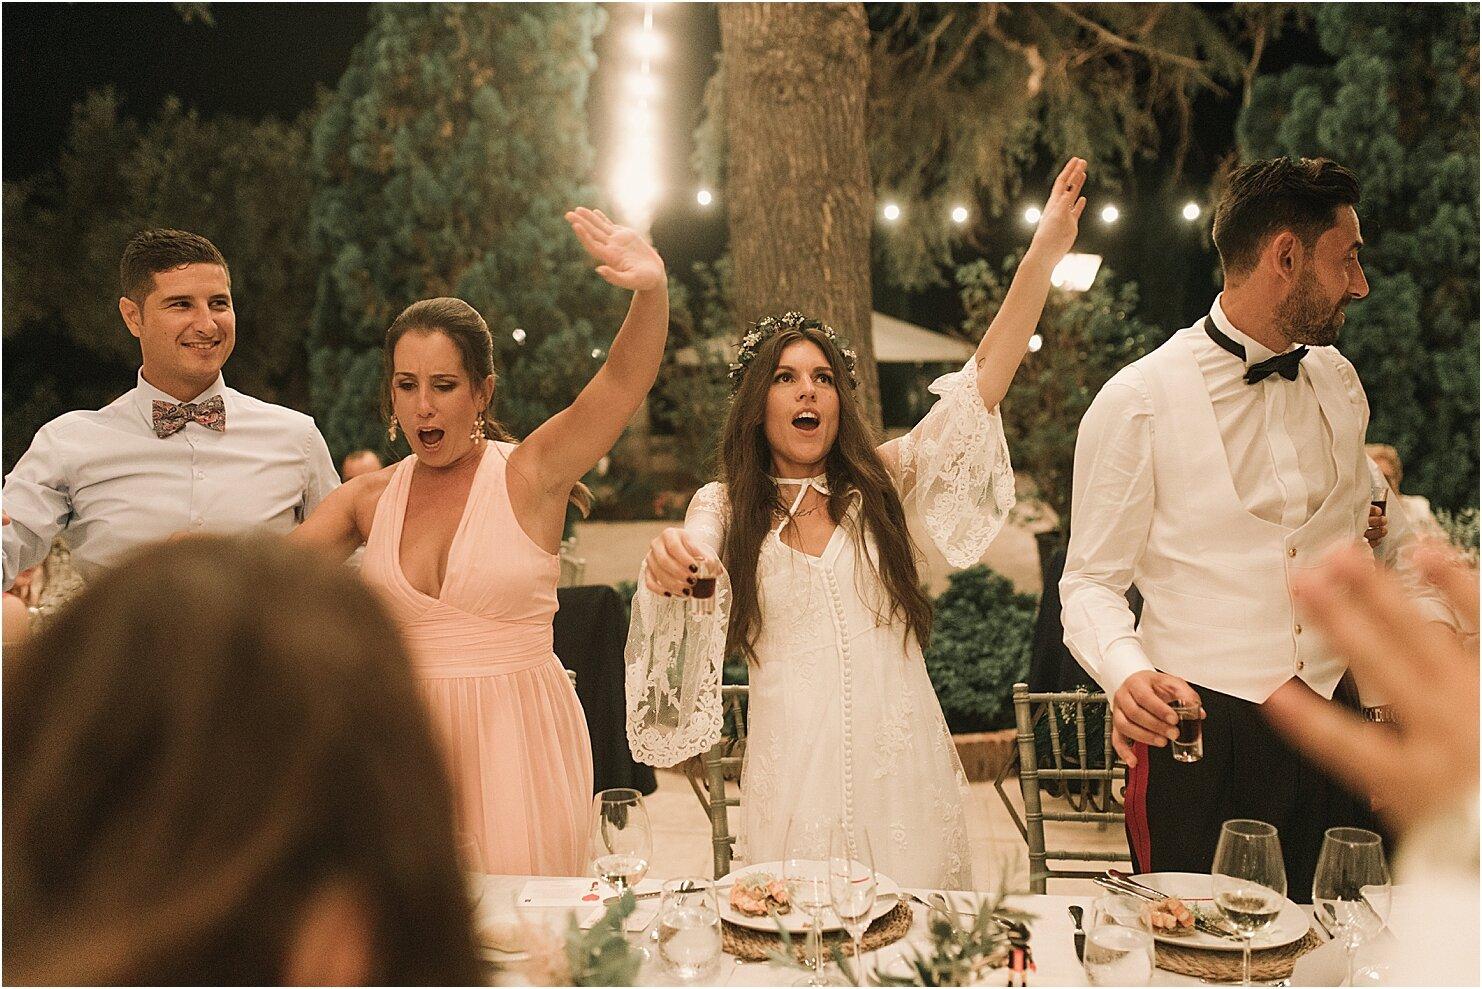 boda-romantica-boda-boho-vestido-de-novia-laura-lomas79.jpg